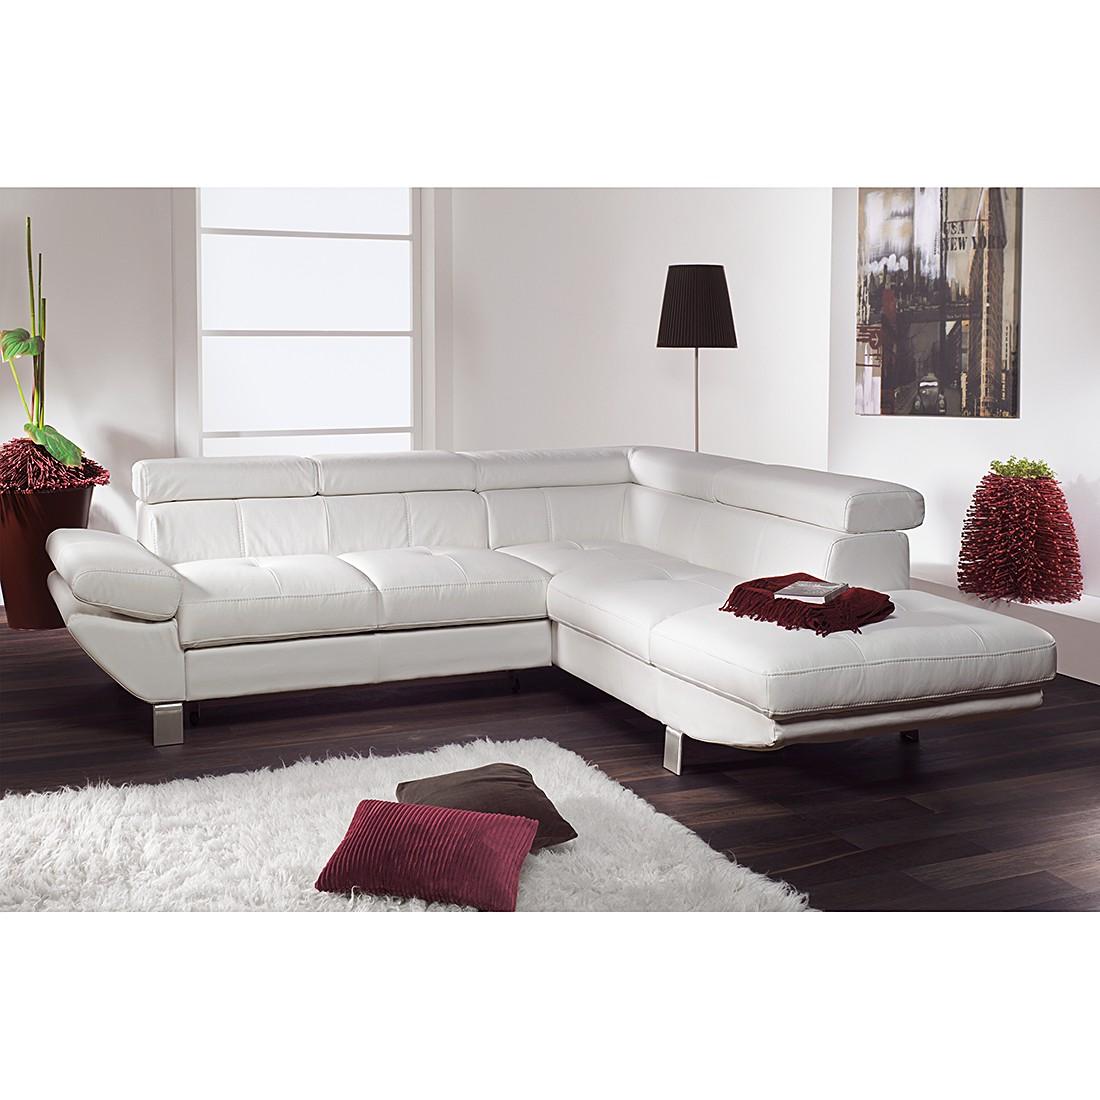 Ecksofa mit schlaffunktion weiß  Cotta Sofa mit Schlaffunktion – für ein modernes Heim | home24